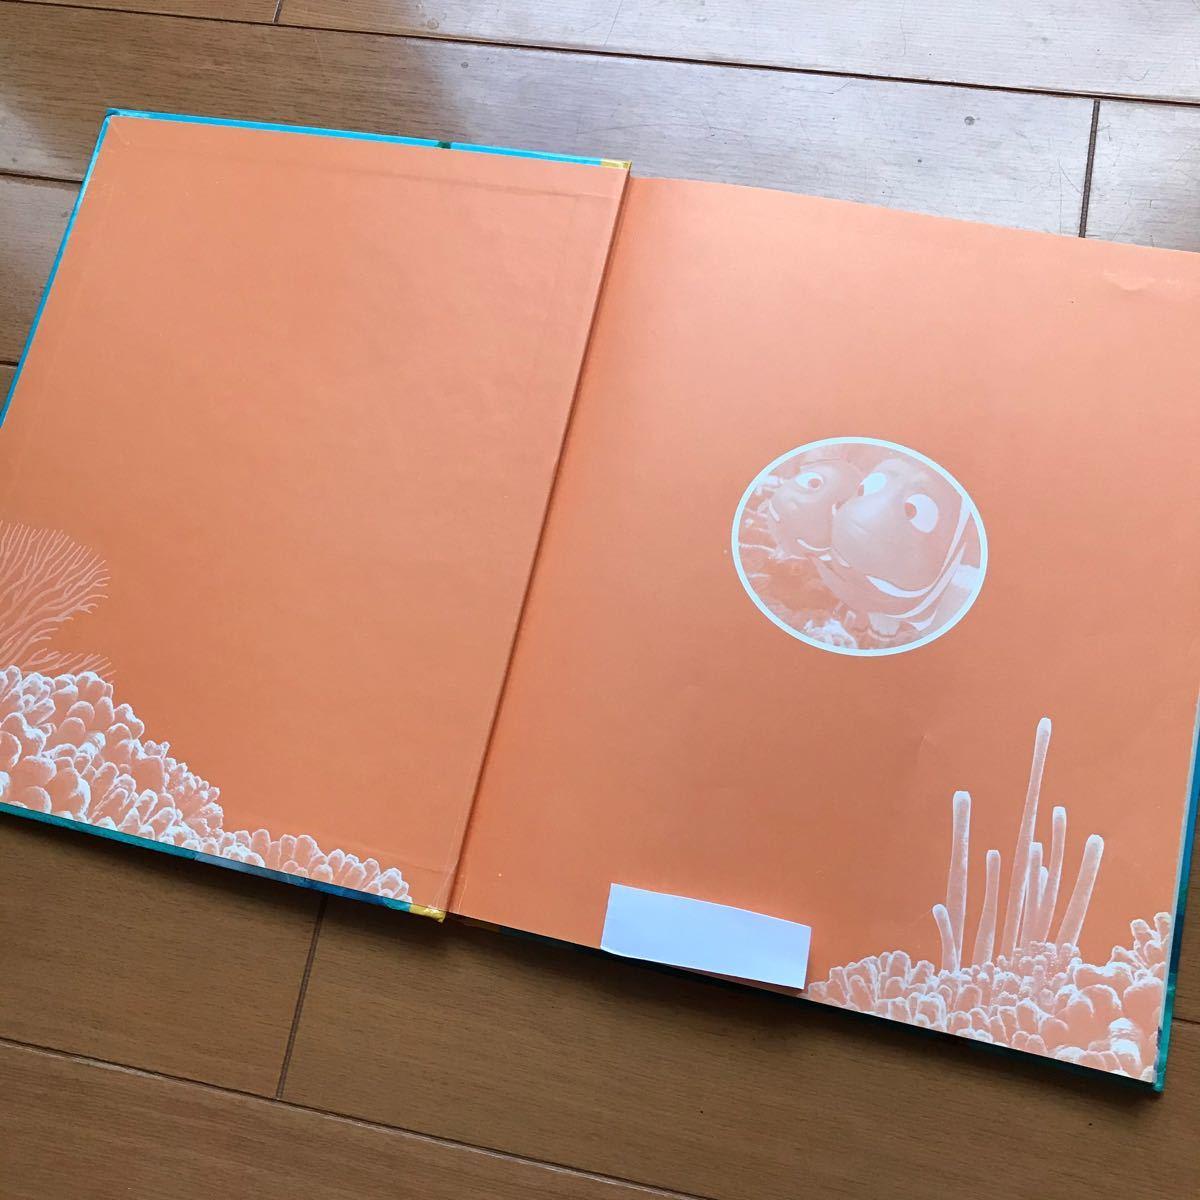 ファインディングニモ 本 アニメブック